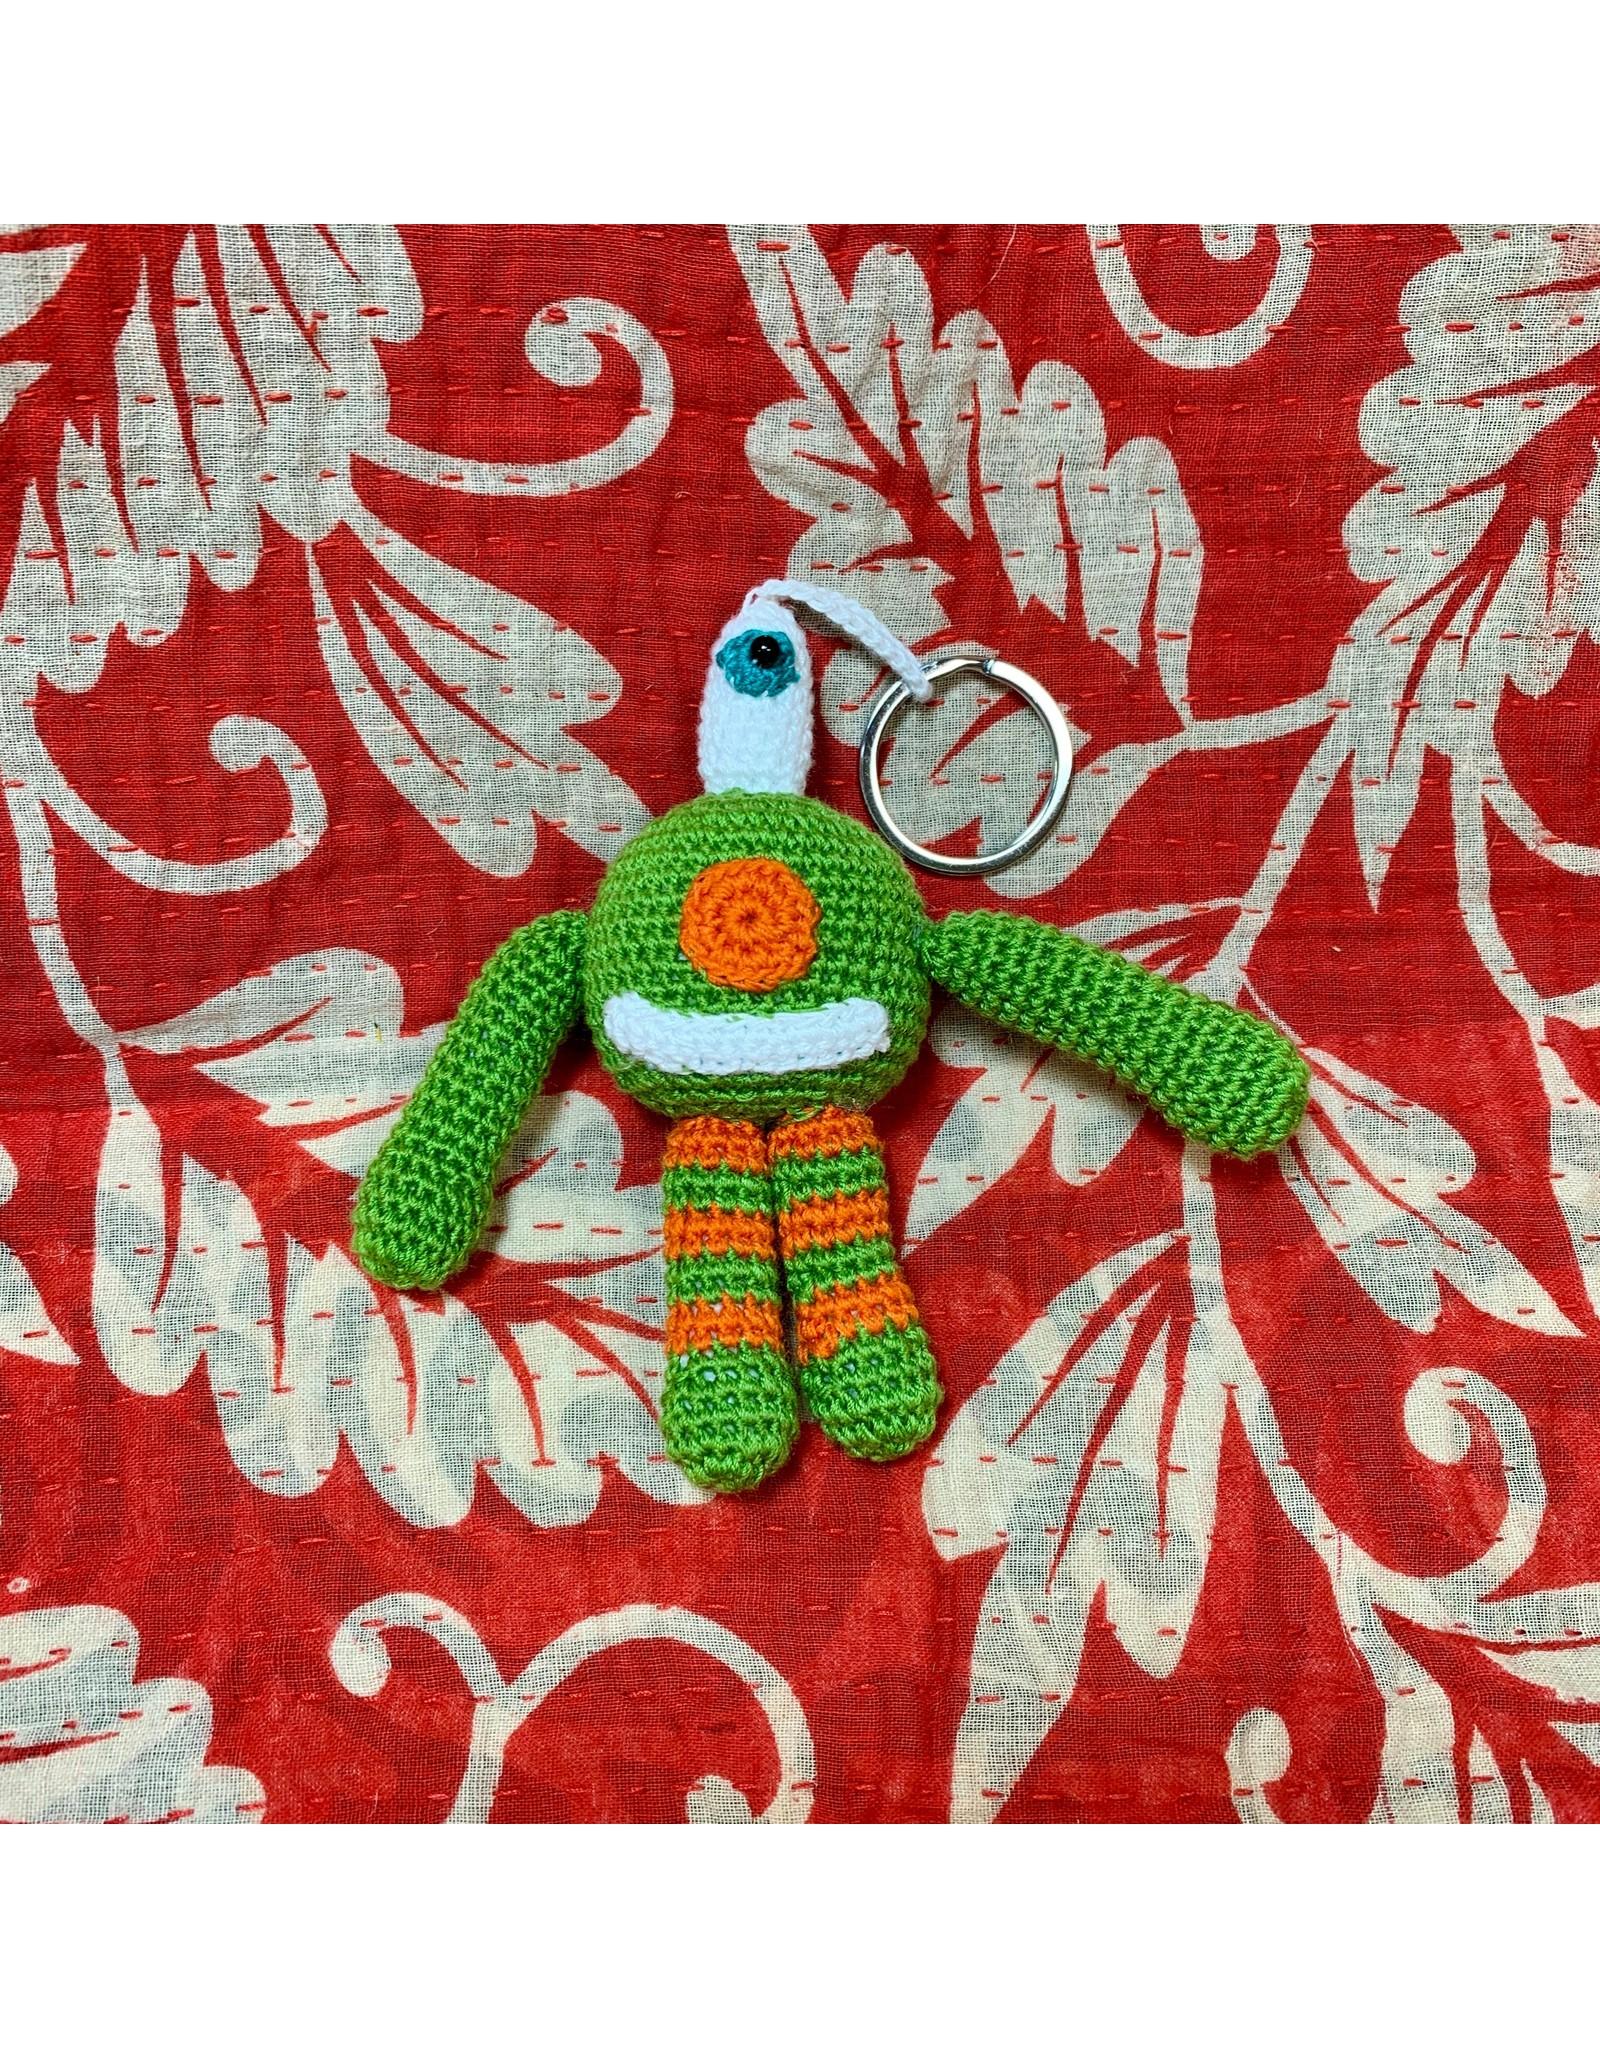 Ten Thousand Villages Crocheted Monster Zipper Pull - Green